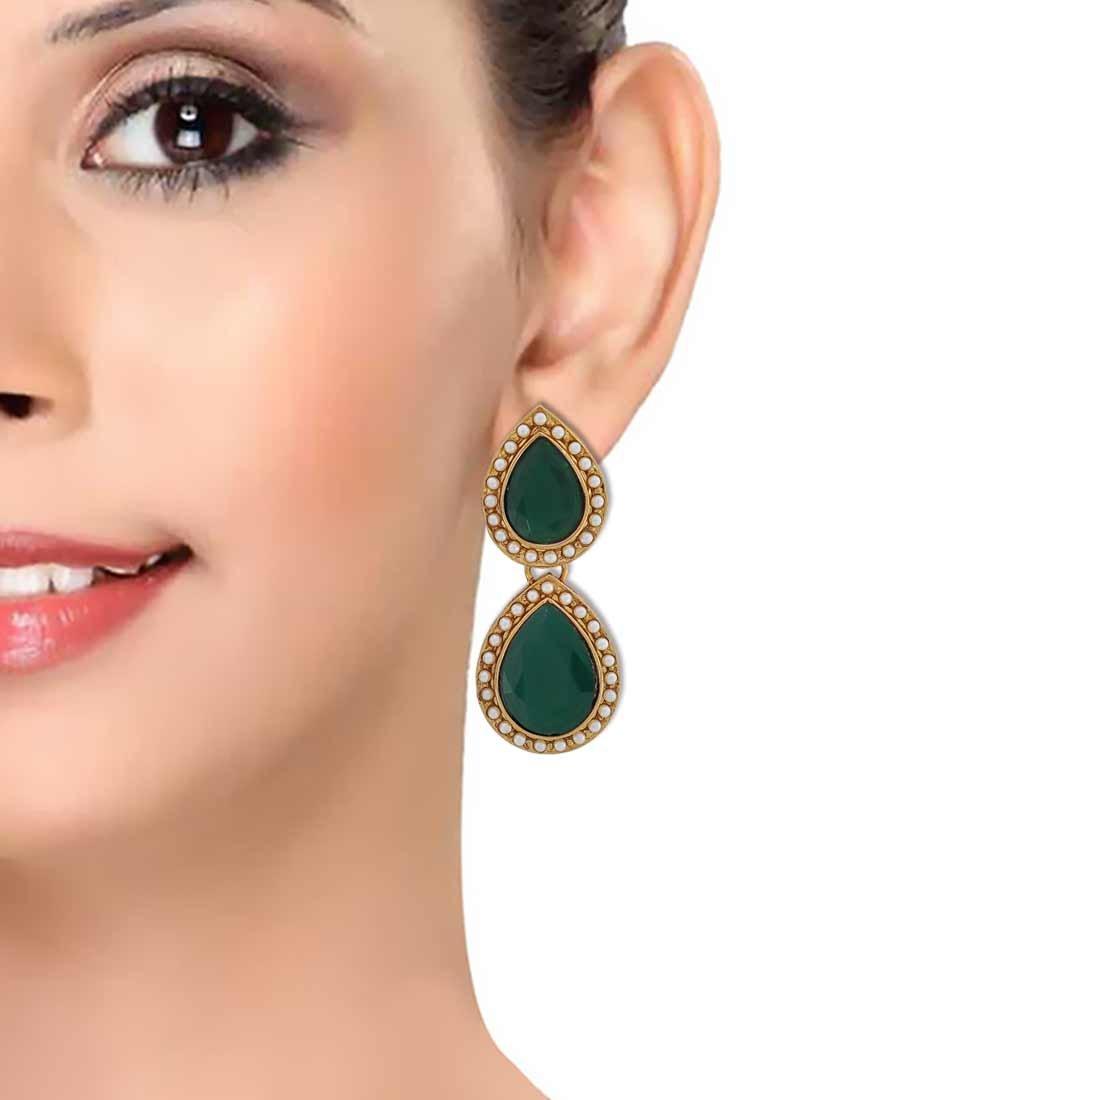 Maayra Wedding Festival Earrings Alloy Dangler Drop Green Twin Drop Pearls Jewellery